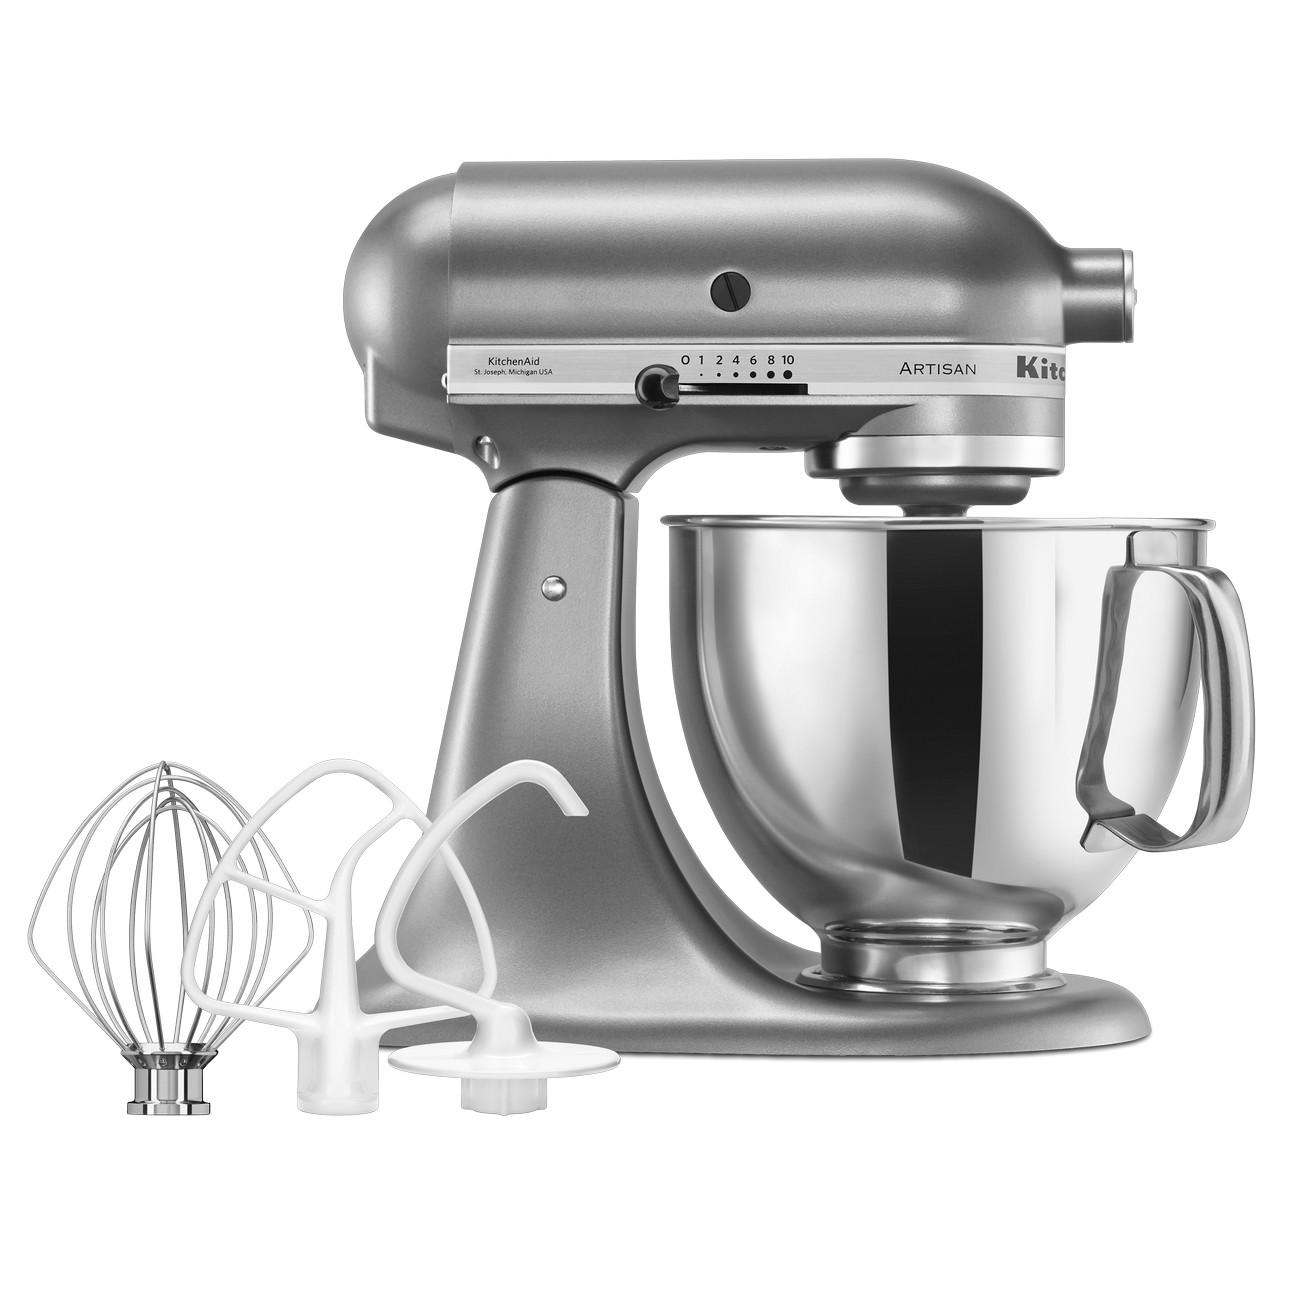 Kitchenaid artisan ksm150 contour silver mixer peter 39 s of kensington - Kitchen aid artisan accessories ...